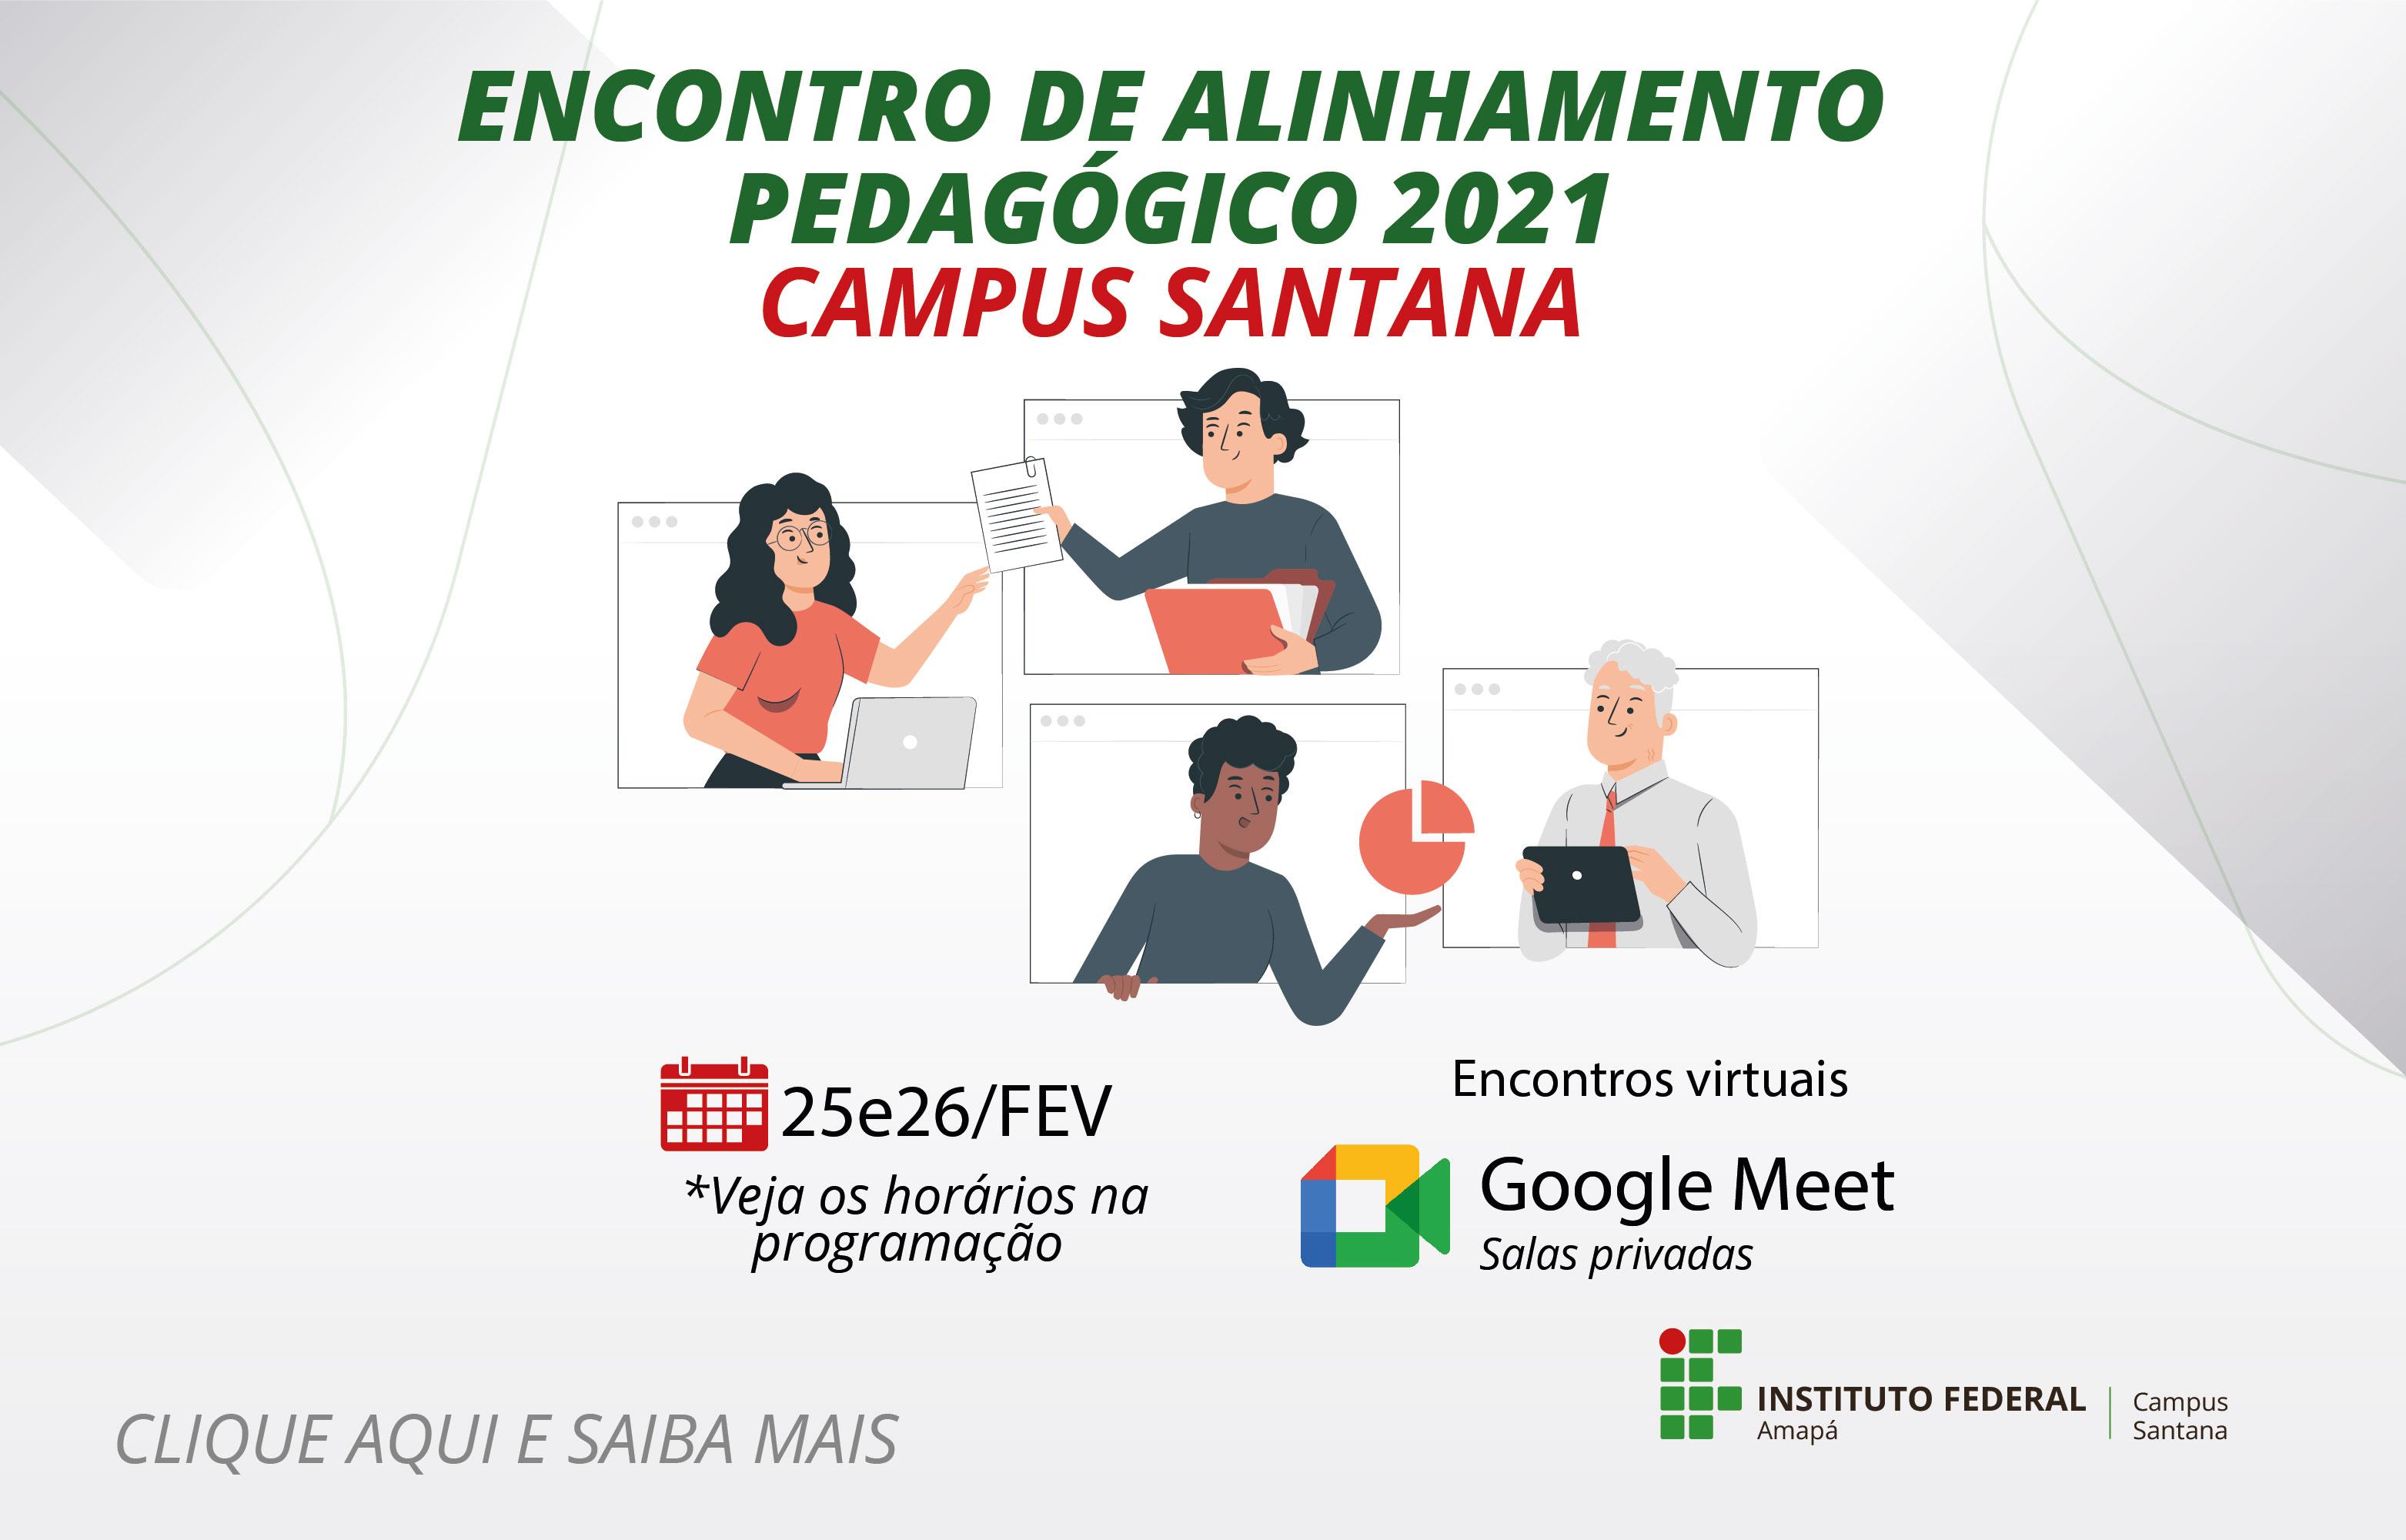 Agende-se: inicia, nesta quinta-feira, o encontro de alinhamento pedagógico do Campus Santana